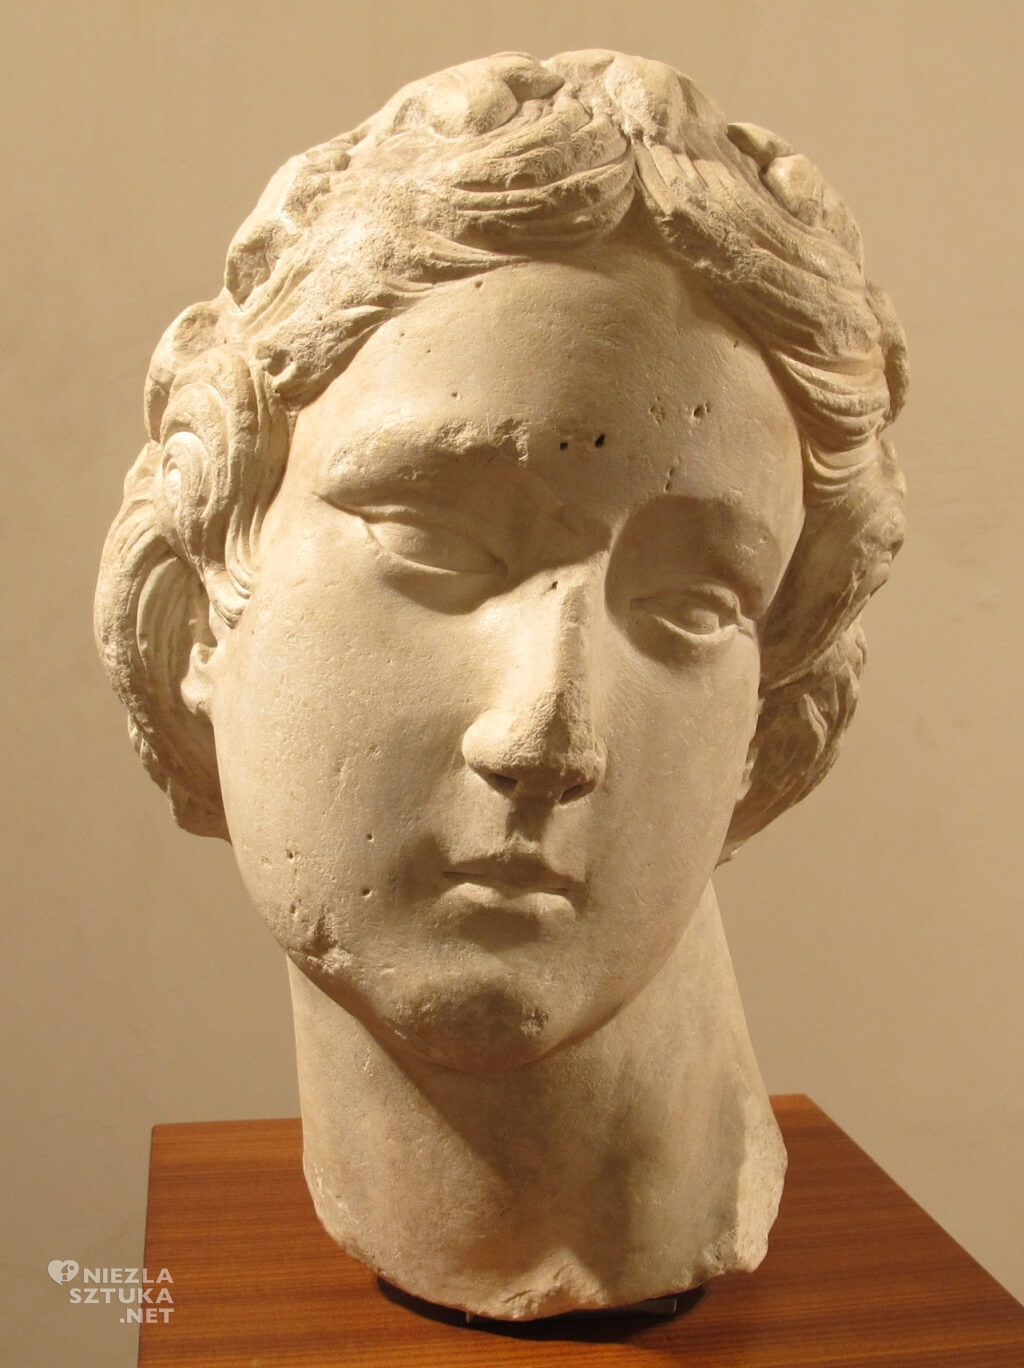 Tino di Camaino, Speranza, rzeźba, Niezła sztuka